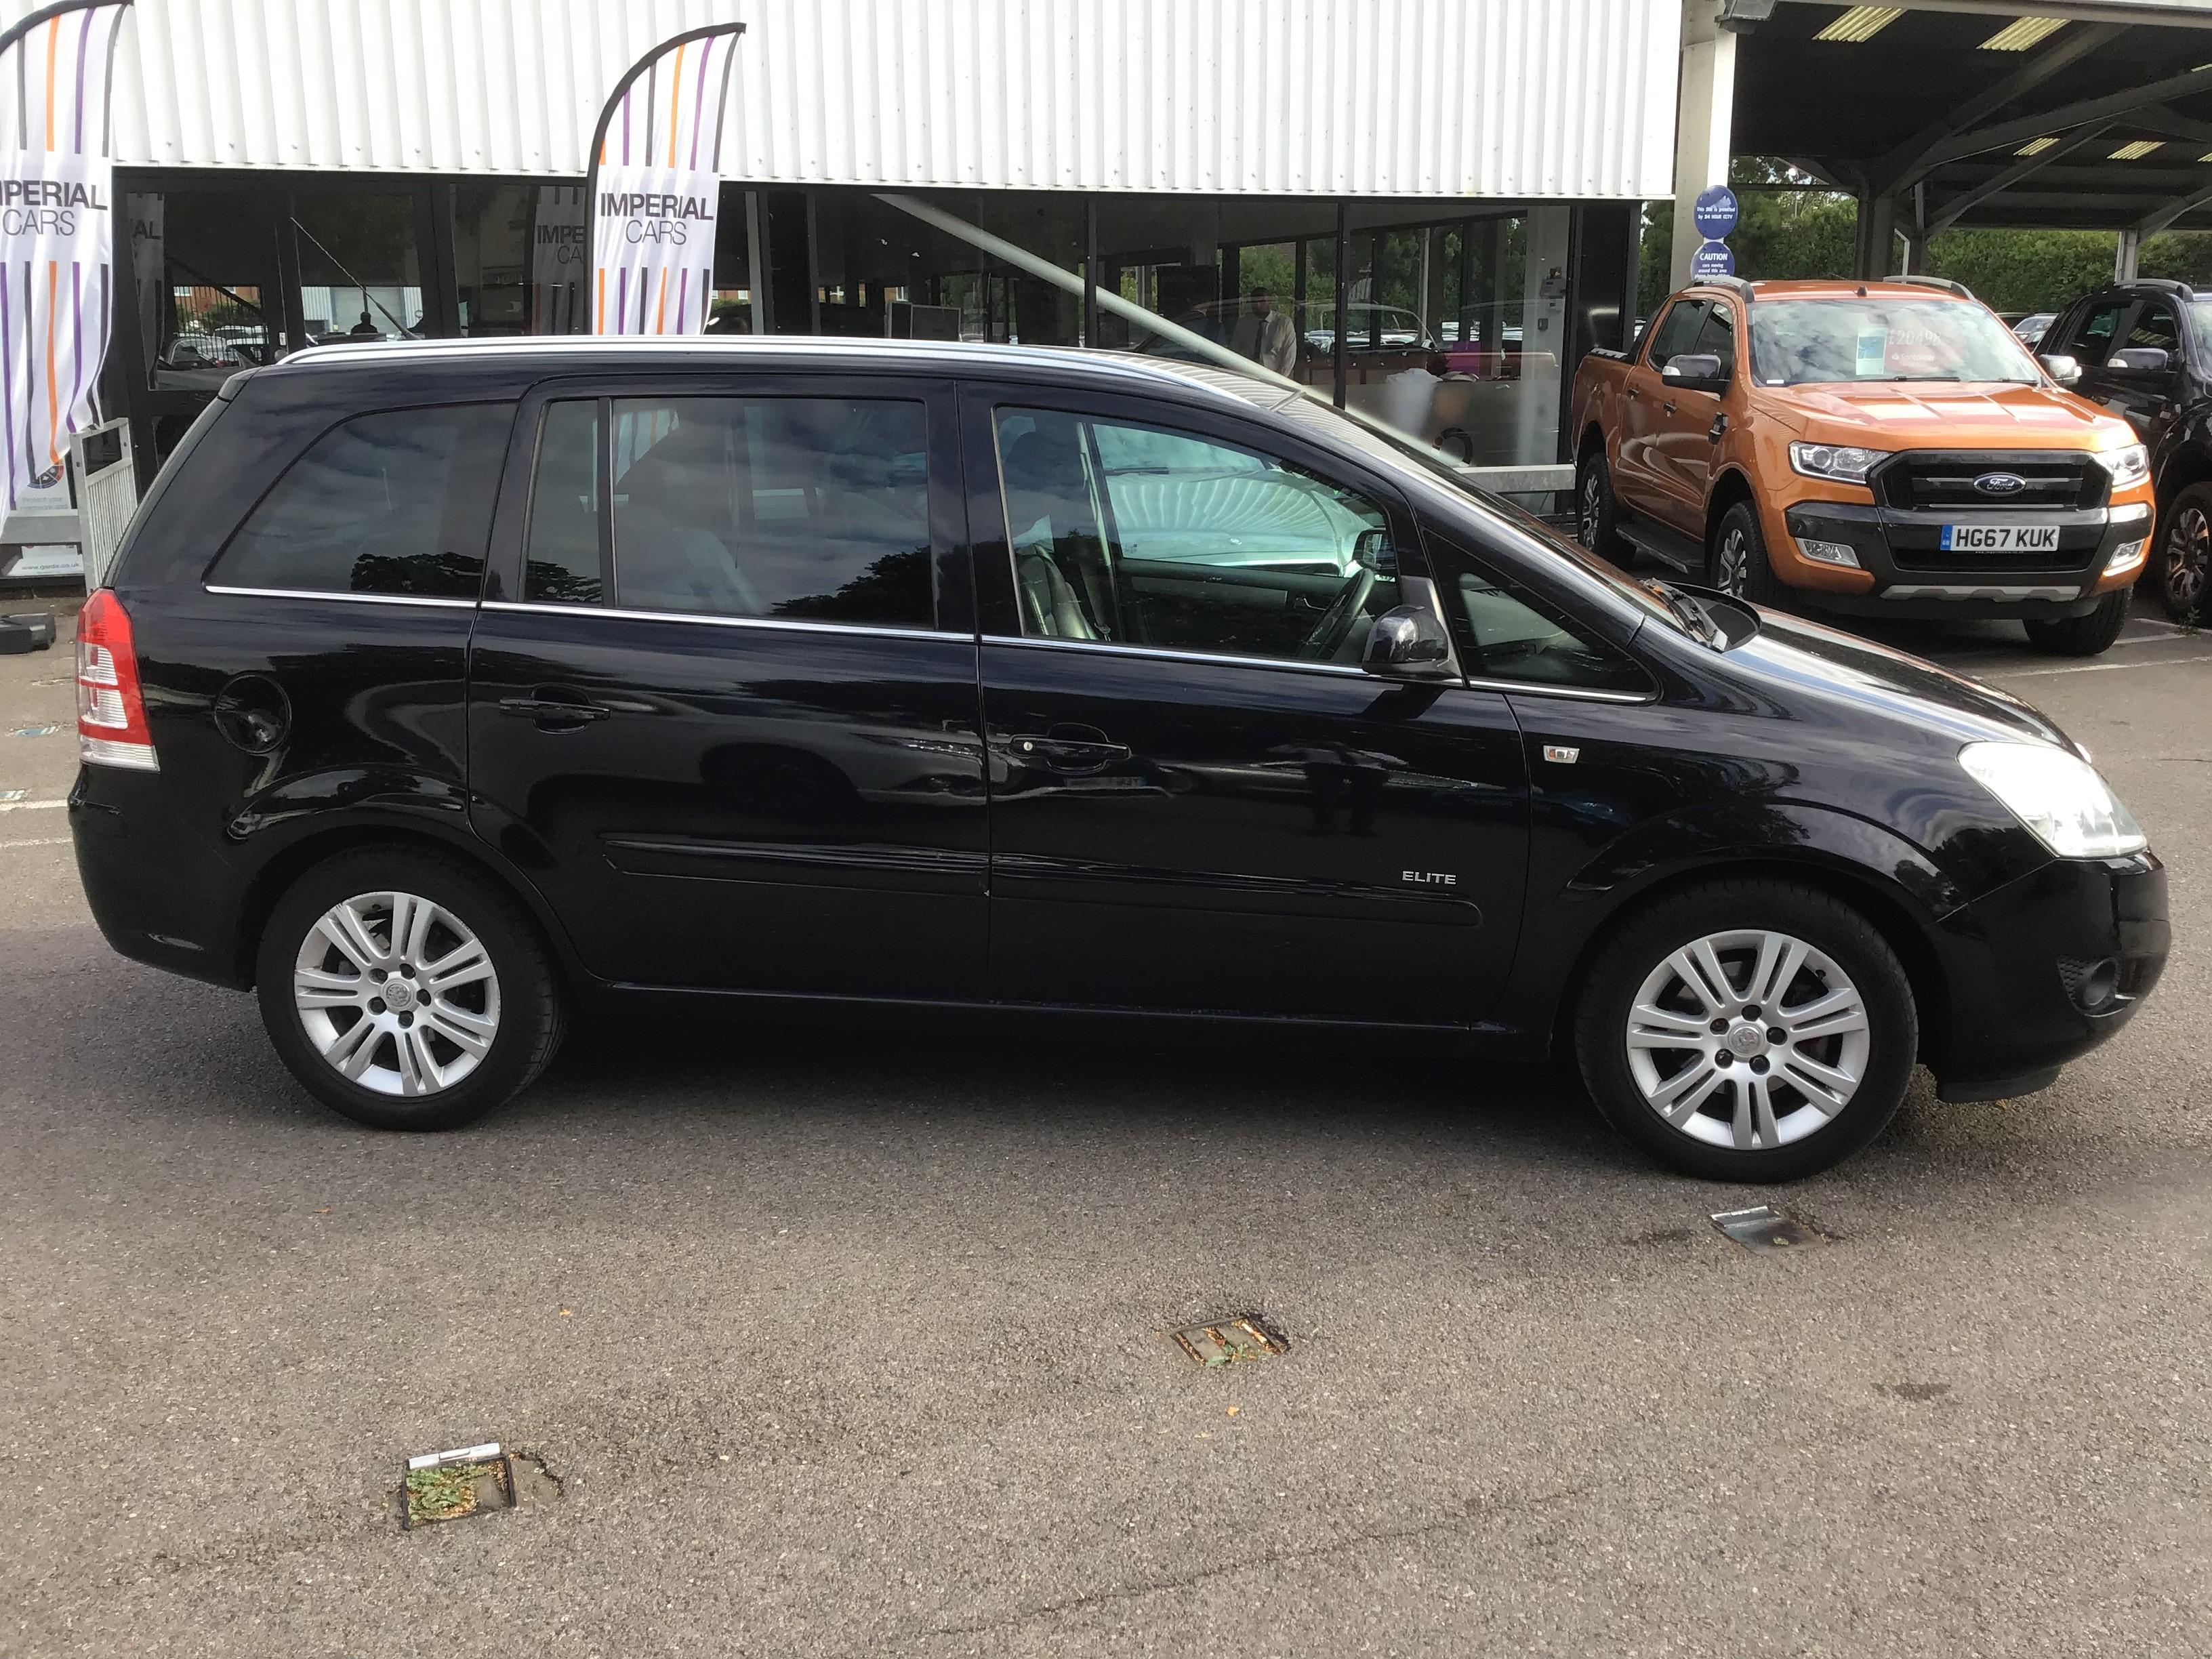 Vauxhall Zafira 1.8i Elite 5dr